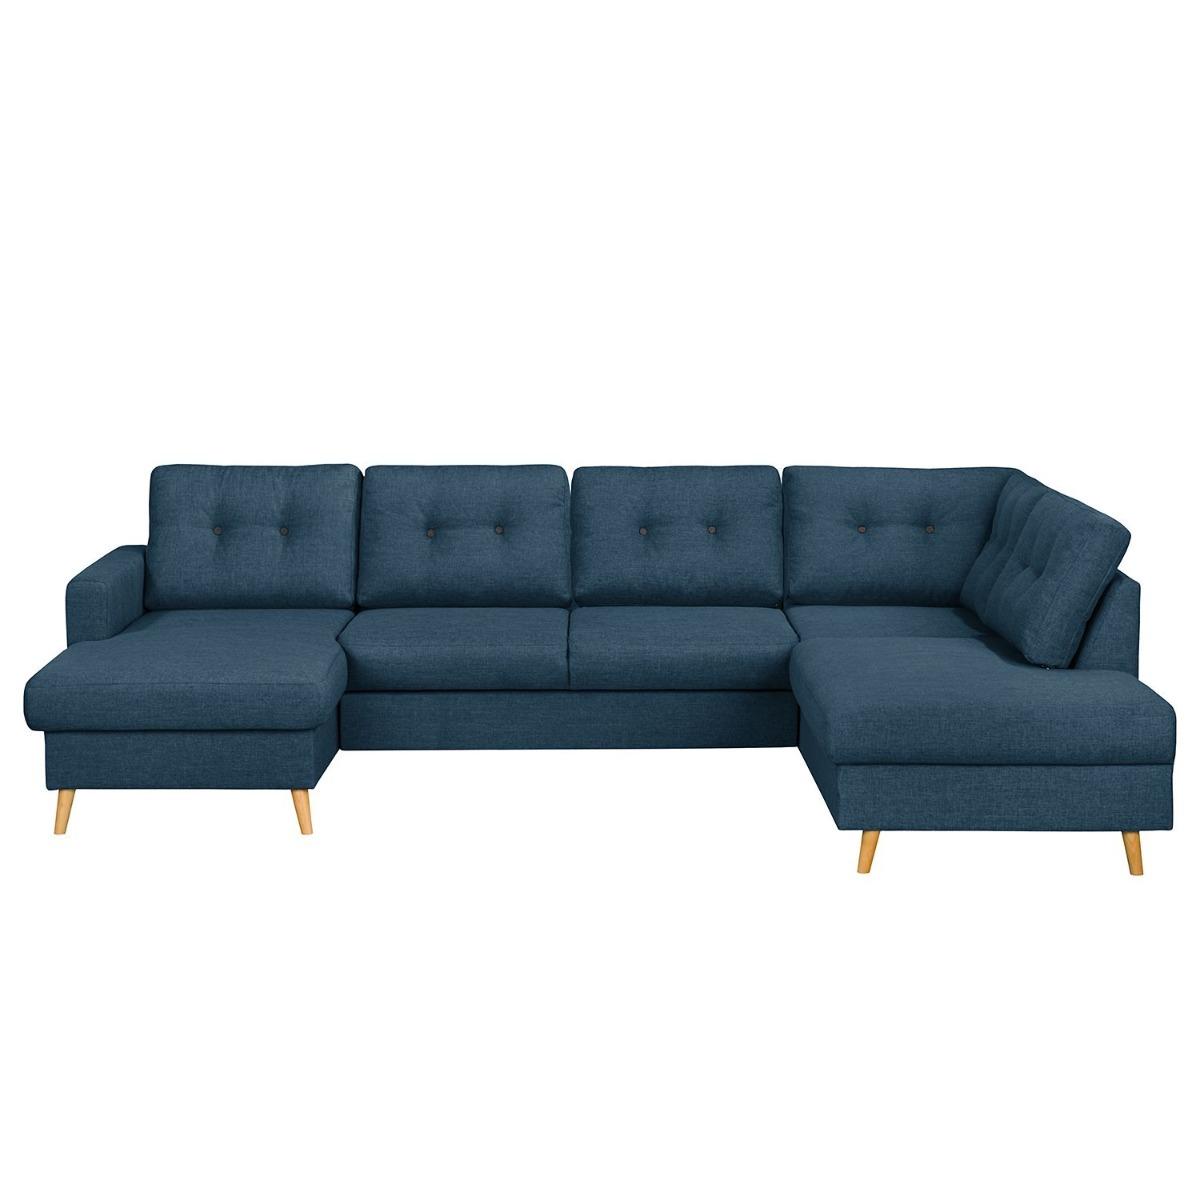 Sofa cama esquinero en mexico for Muebles de sala linio